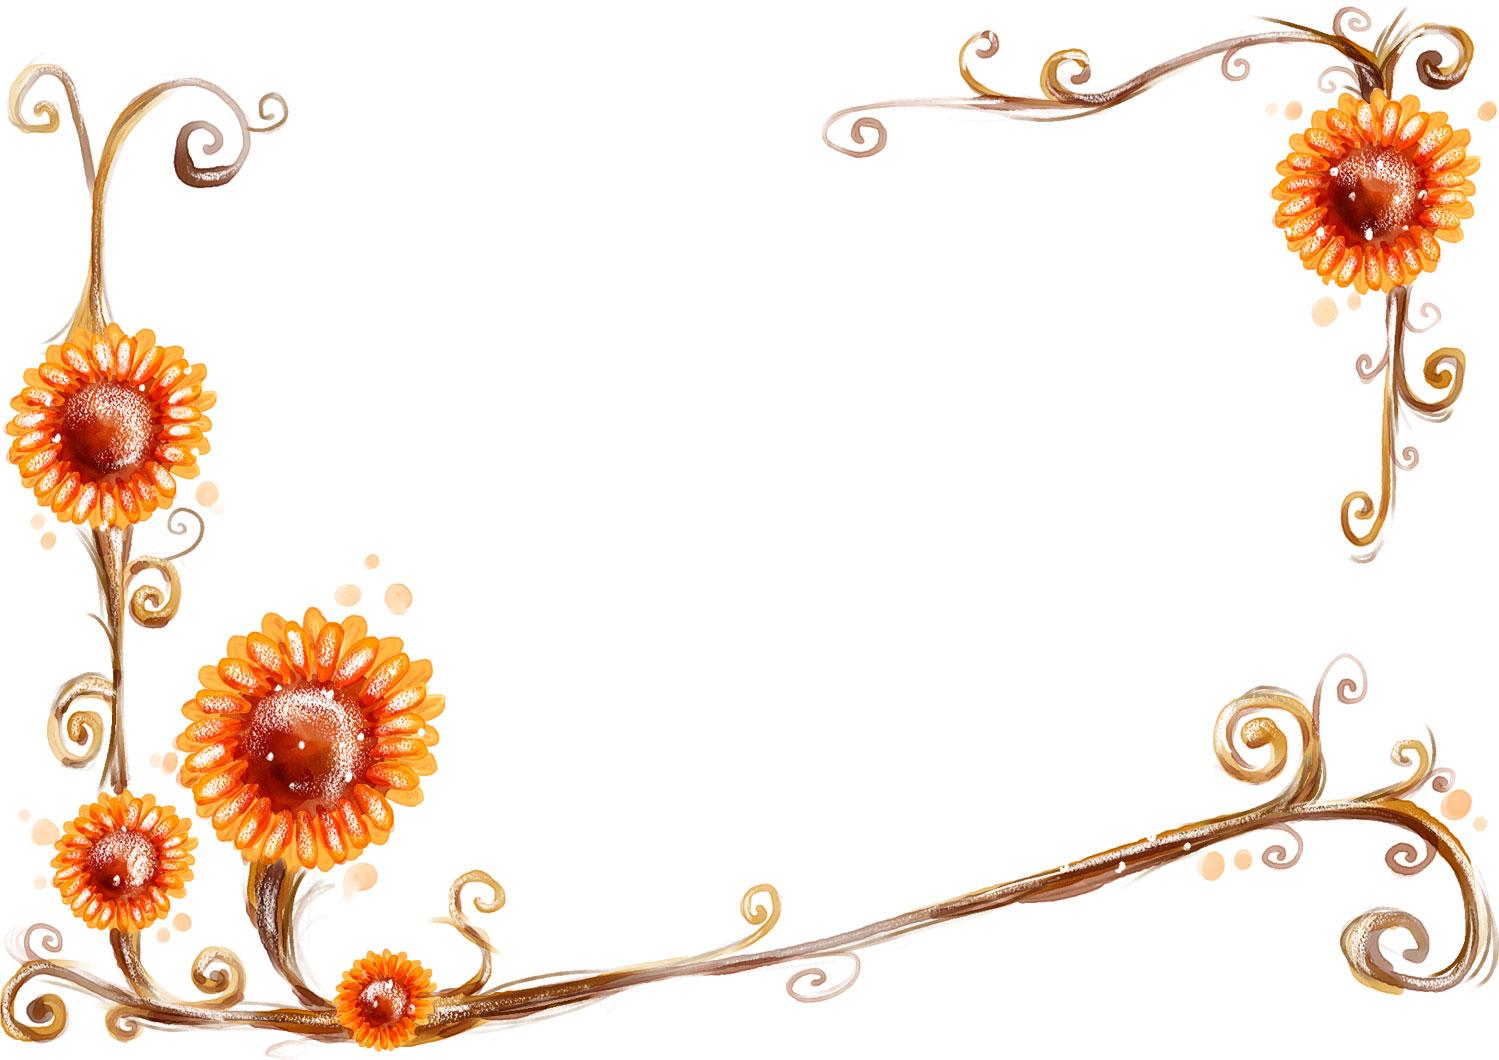 花のイラスト・フリー素材/フレーム枠no.407『手書き風-背景なし』